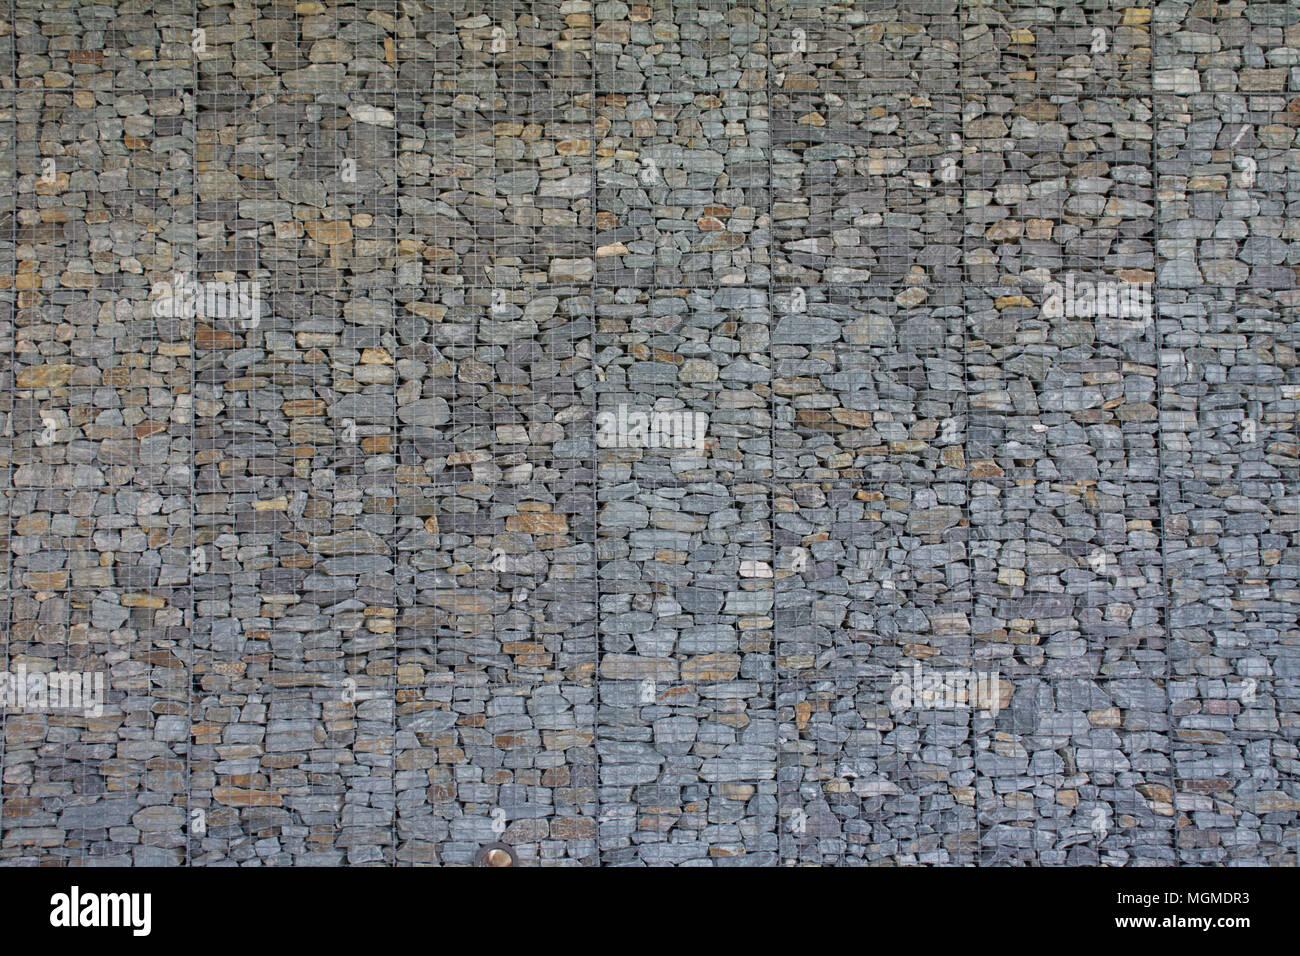 Stone Retaining Wall Stockfotos & Stone Retaining Wall Bilder - Alamy